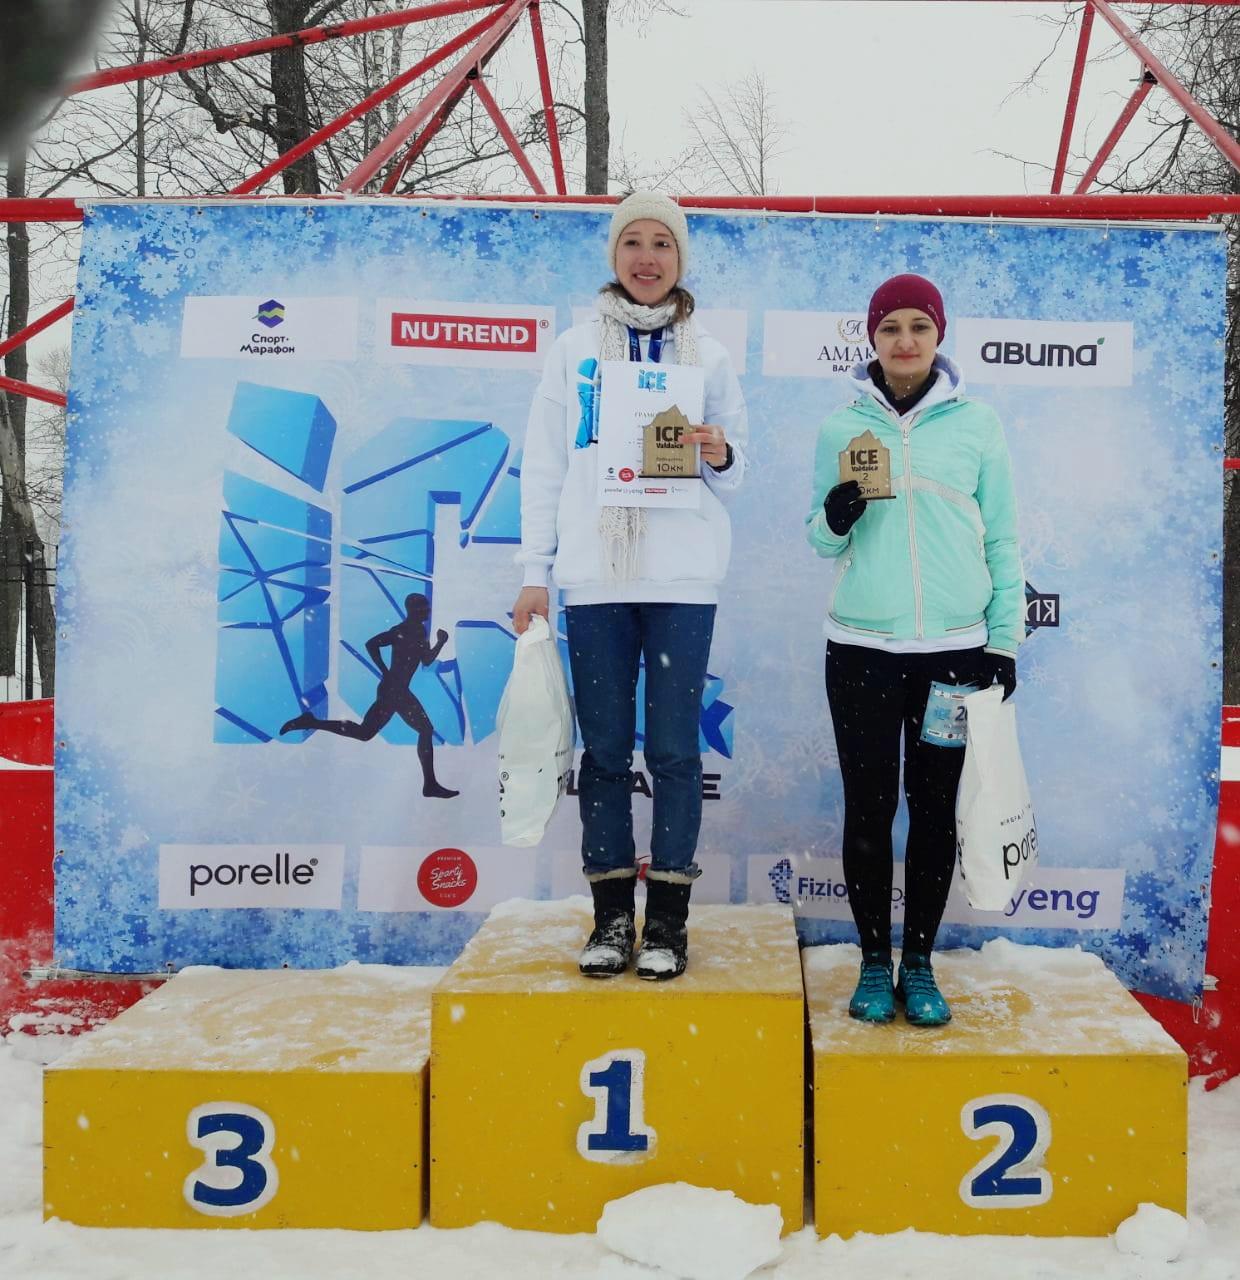 Анна Пикулева, победительница Ice Valday 2019 среди женщин